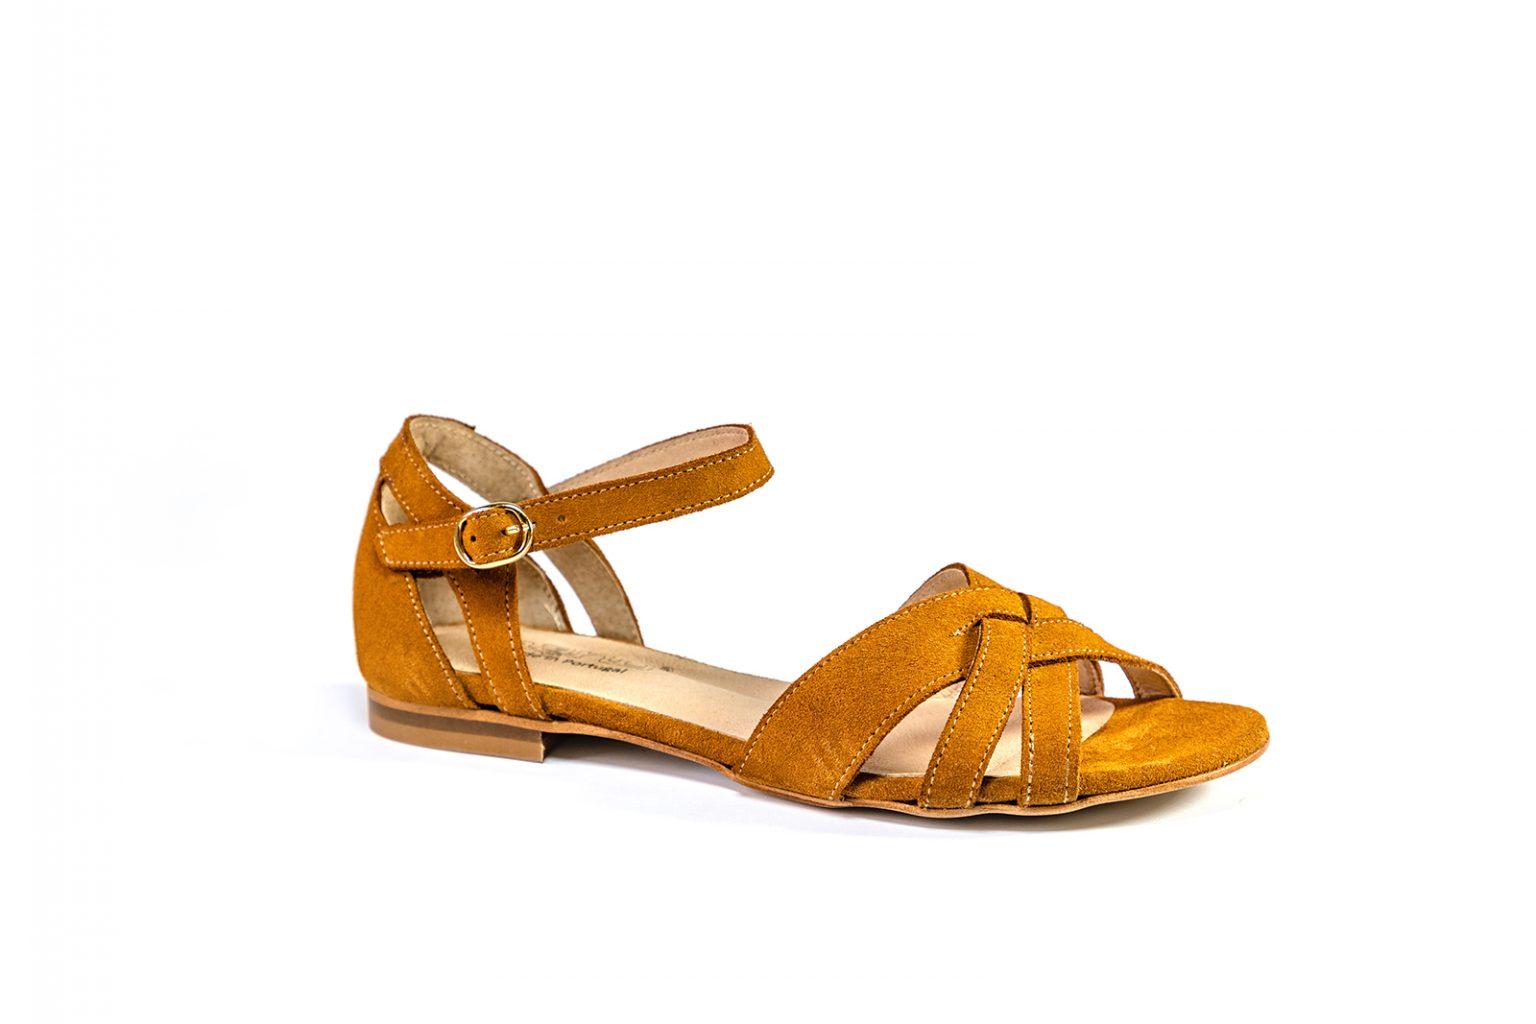 Sandals - Sring Summer 21 - Nano